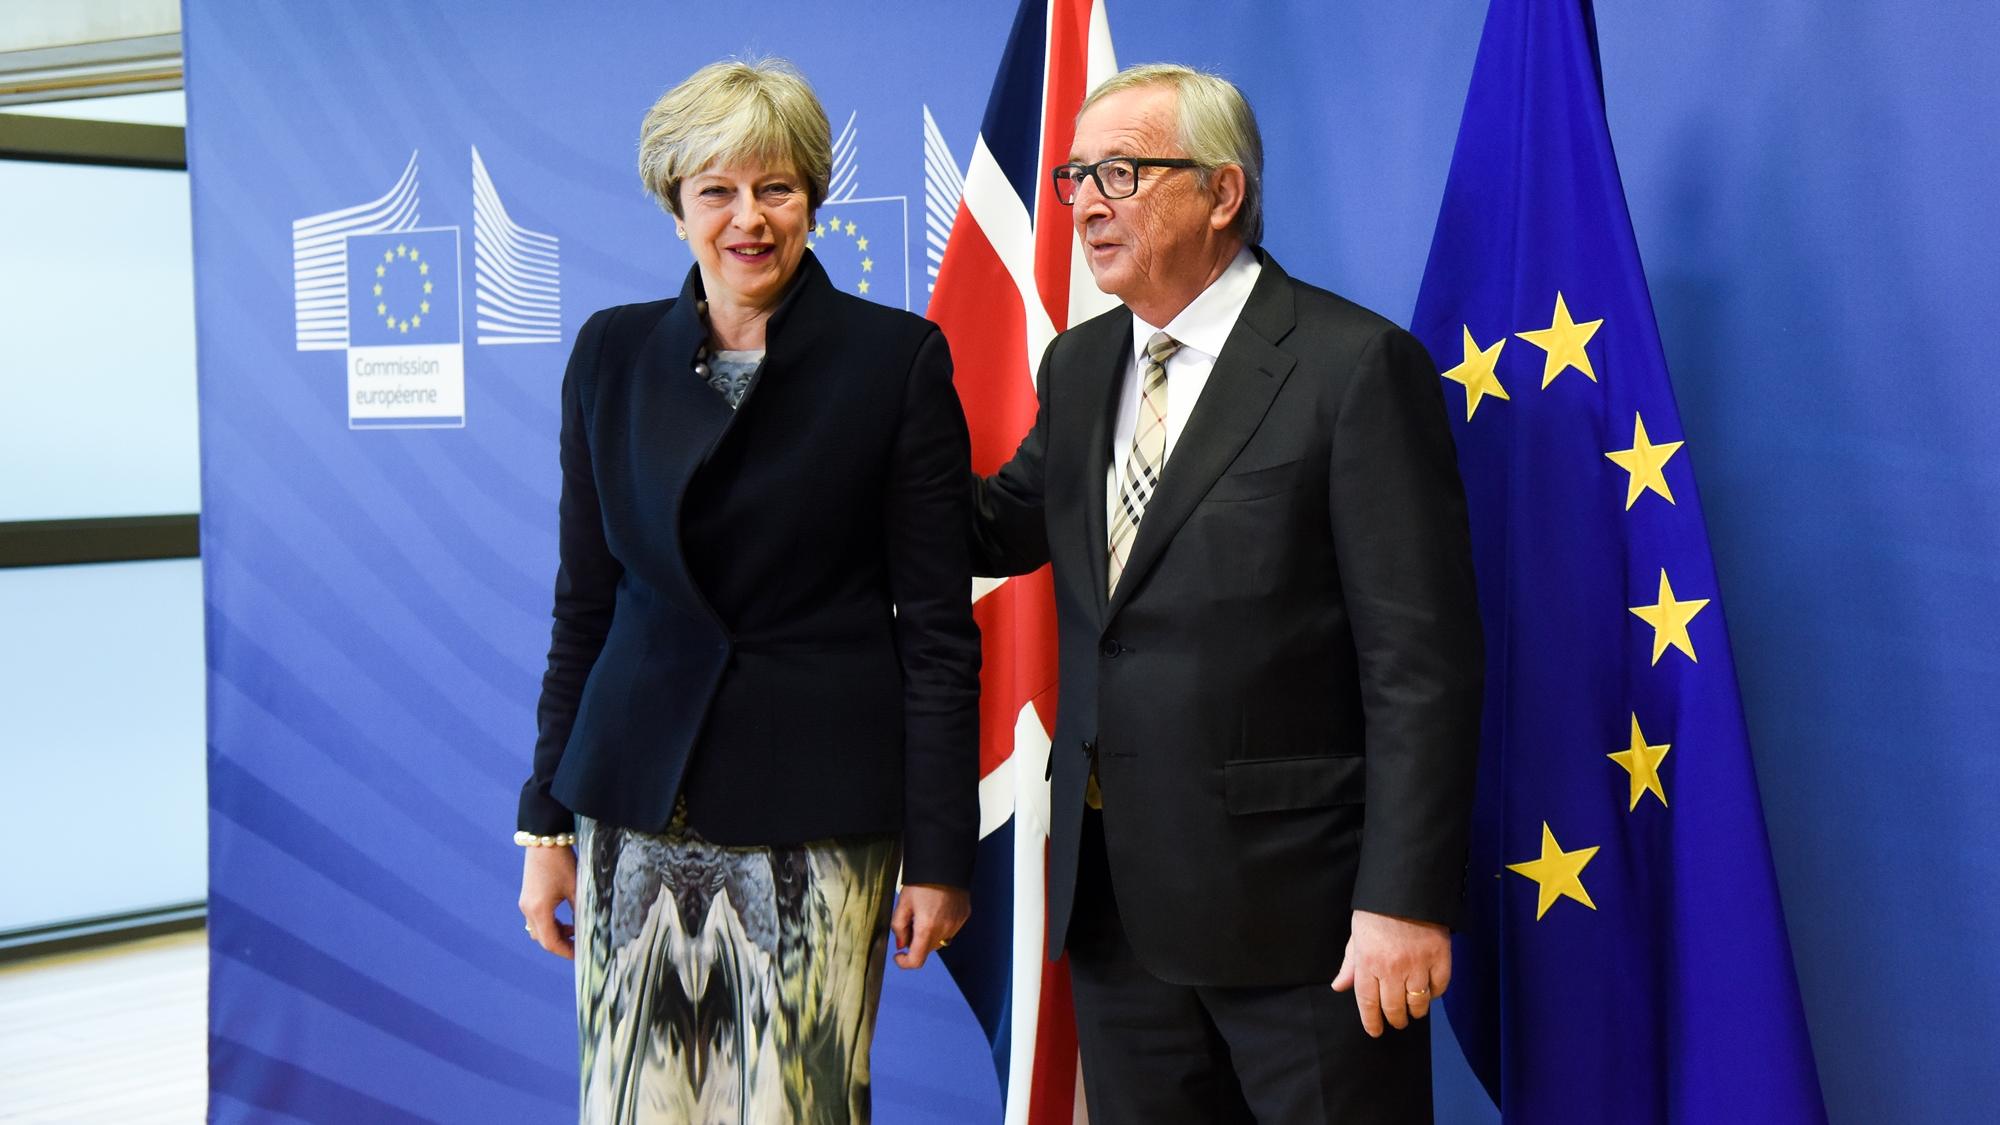 Reunión entre UE y Reino Unido termina sin acuerdo sobre Brexit